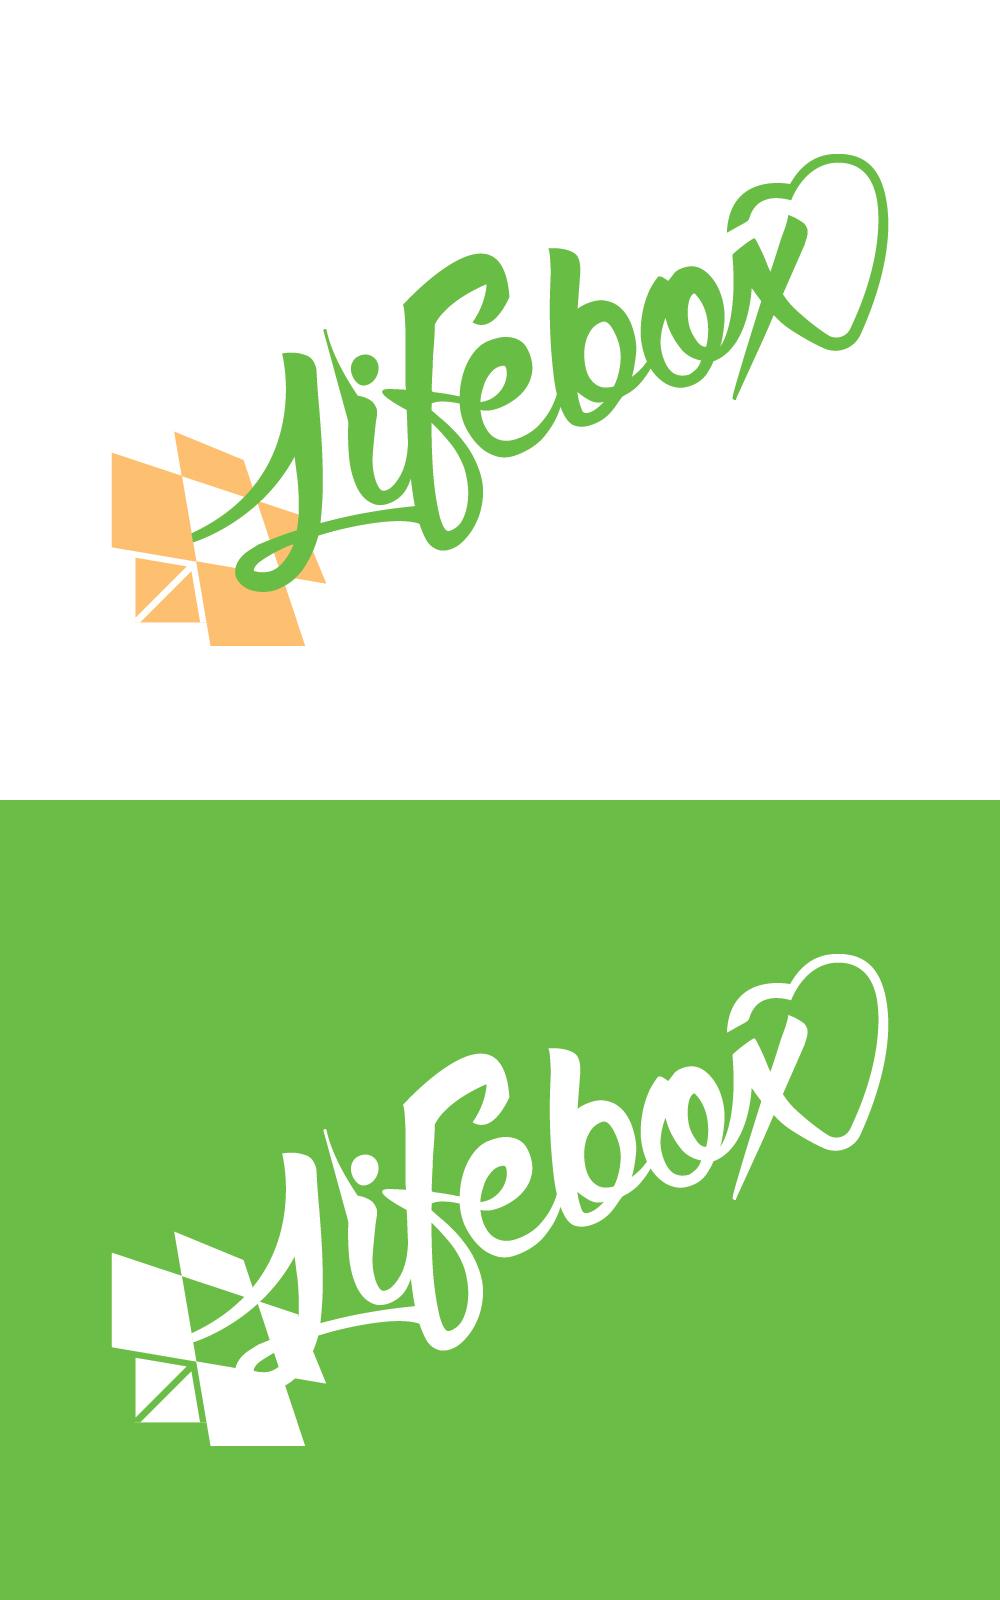 Разработка Логотипа. Победитель получит расширеный заказ  фото f_4985c2943970926c.jpg